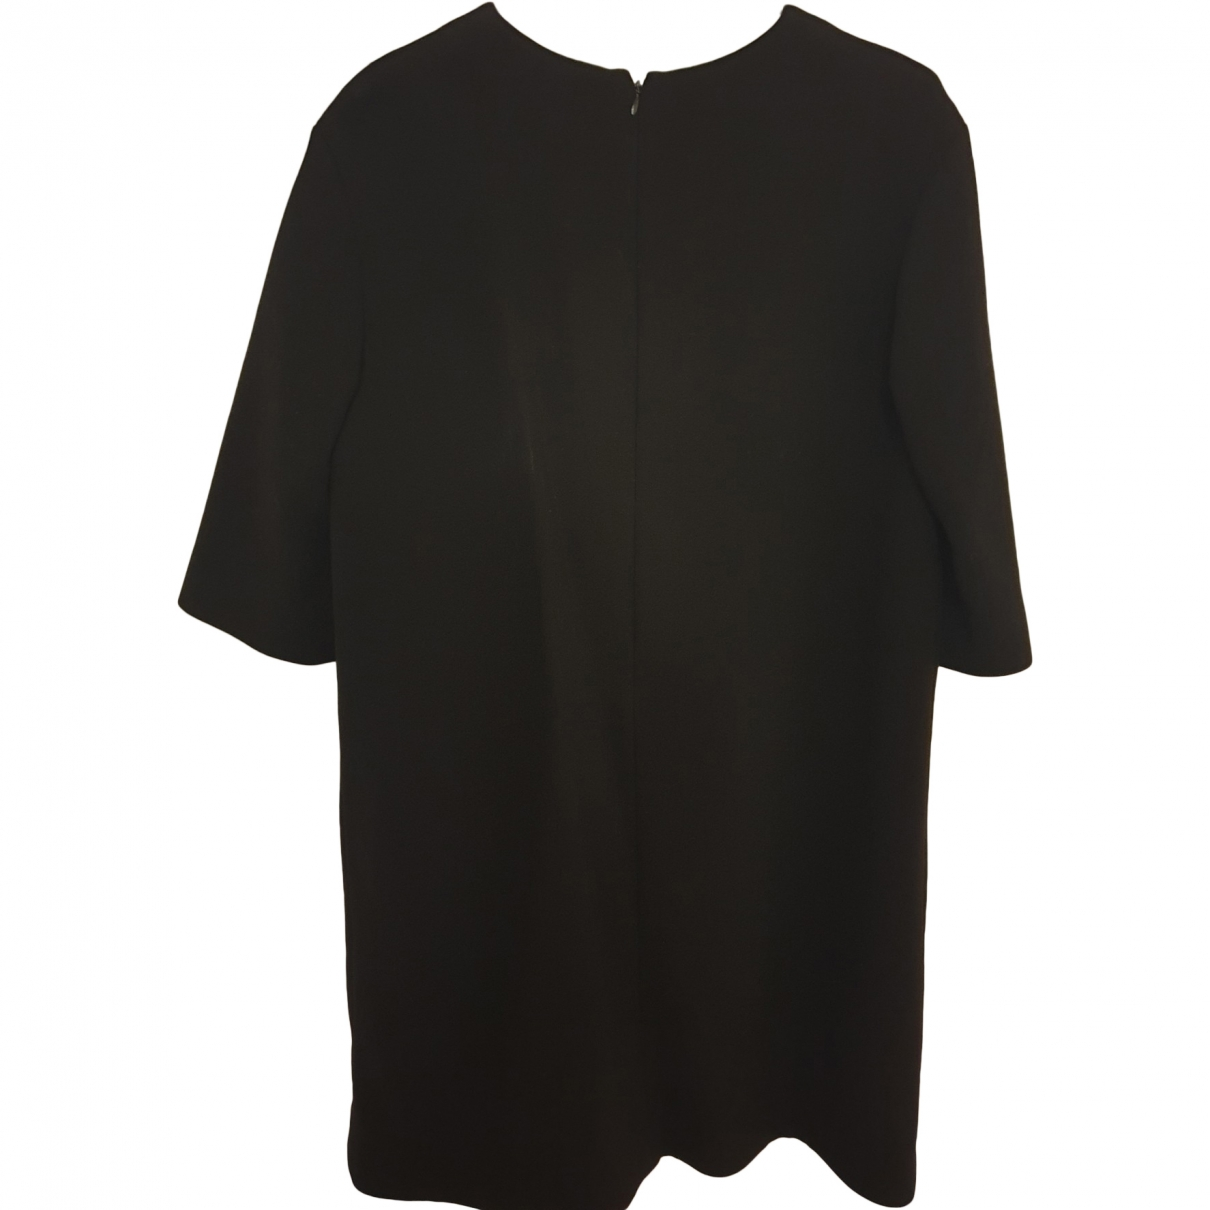 Marni \N Black Wool dress for Women 44 IT